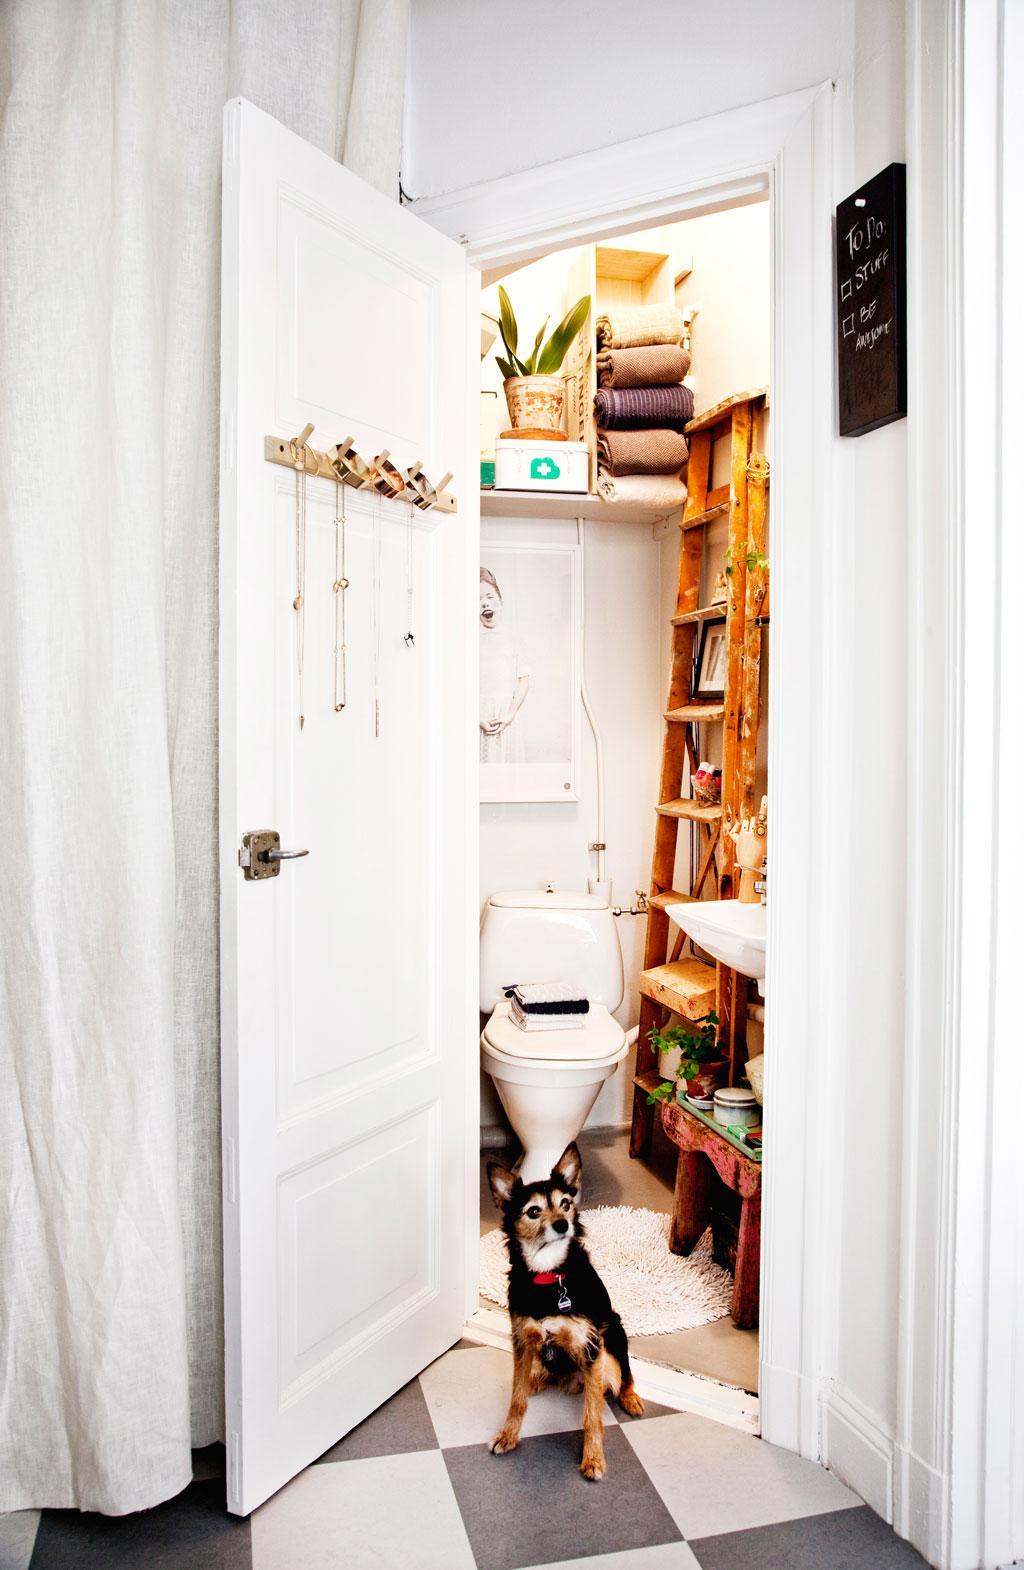 Mycket rum pÃ¥ fÃ¥ kvadrat – compact living när det är som bäst ... : kökslådor inredning : Inredning